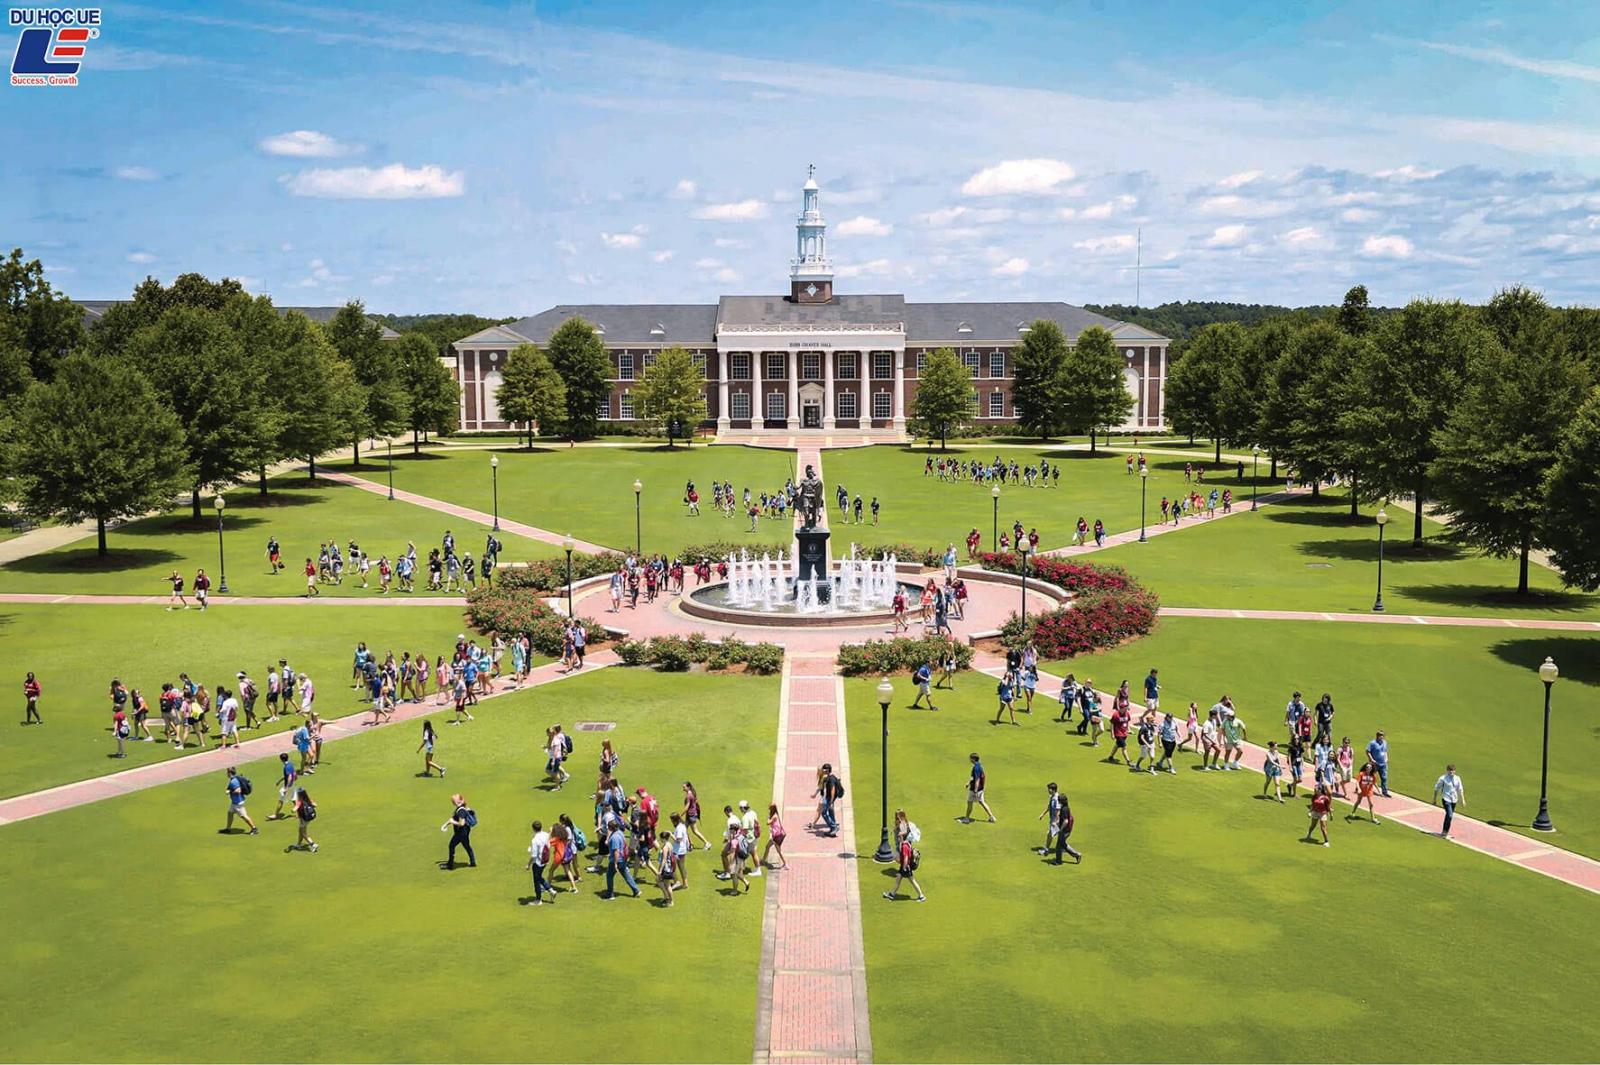 Troy University - Điểm bắt đầu của hành trình chạm đến ước mơ